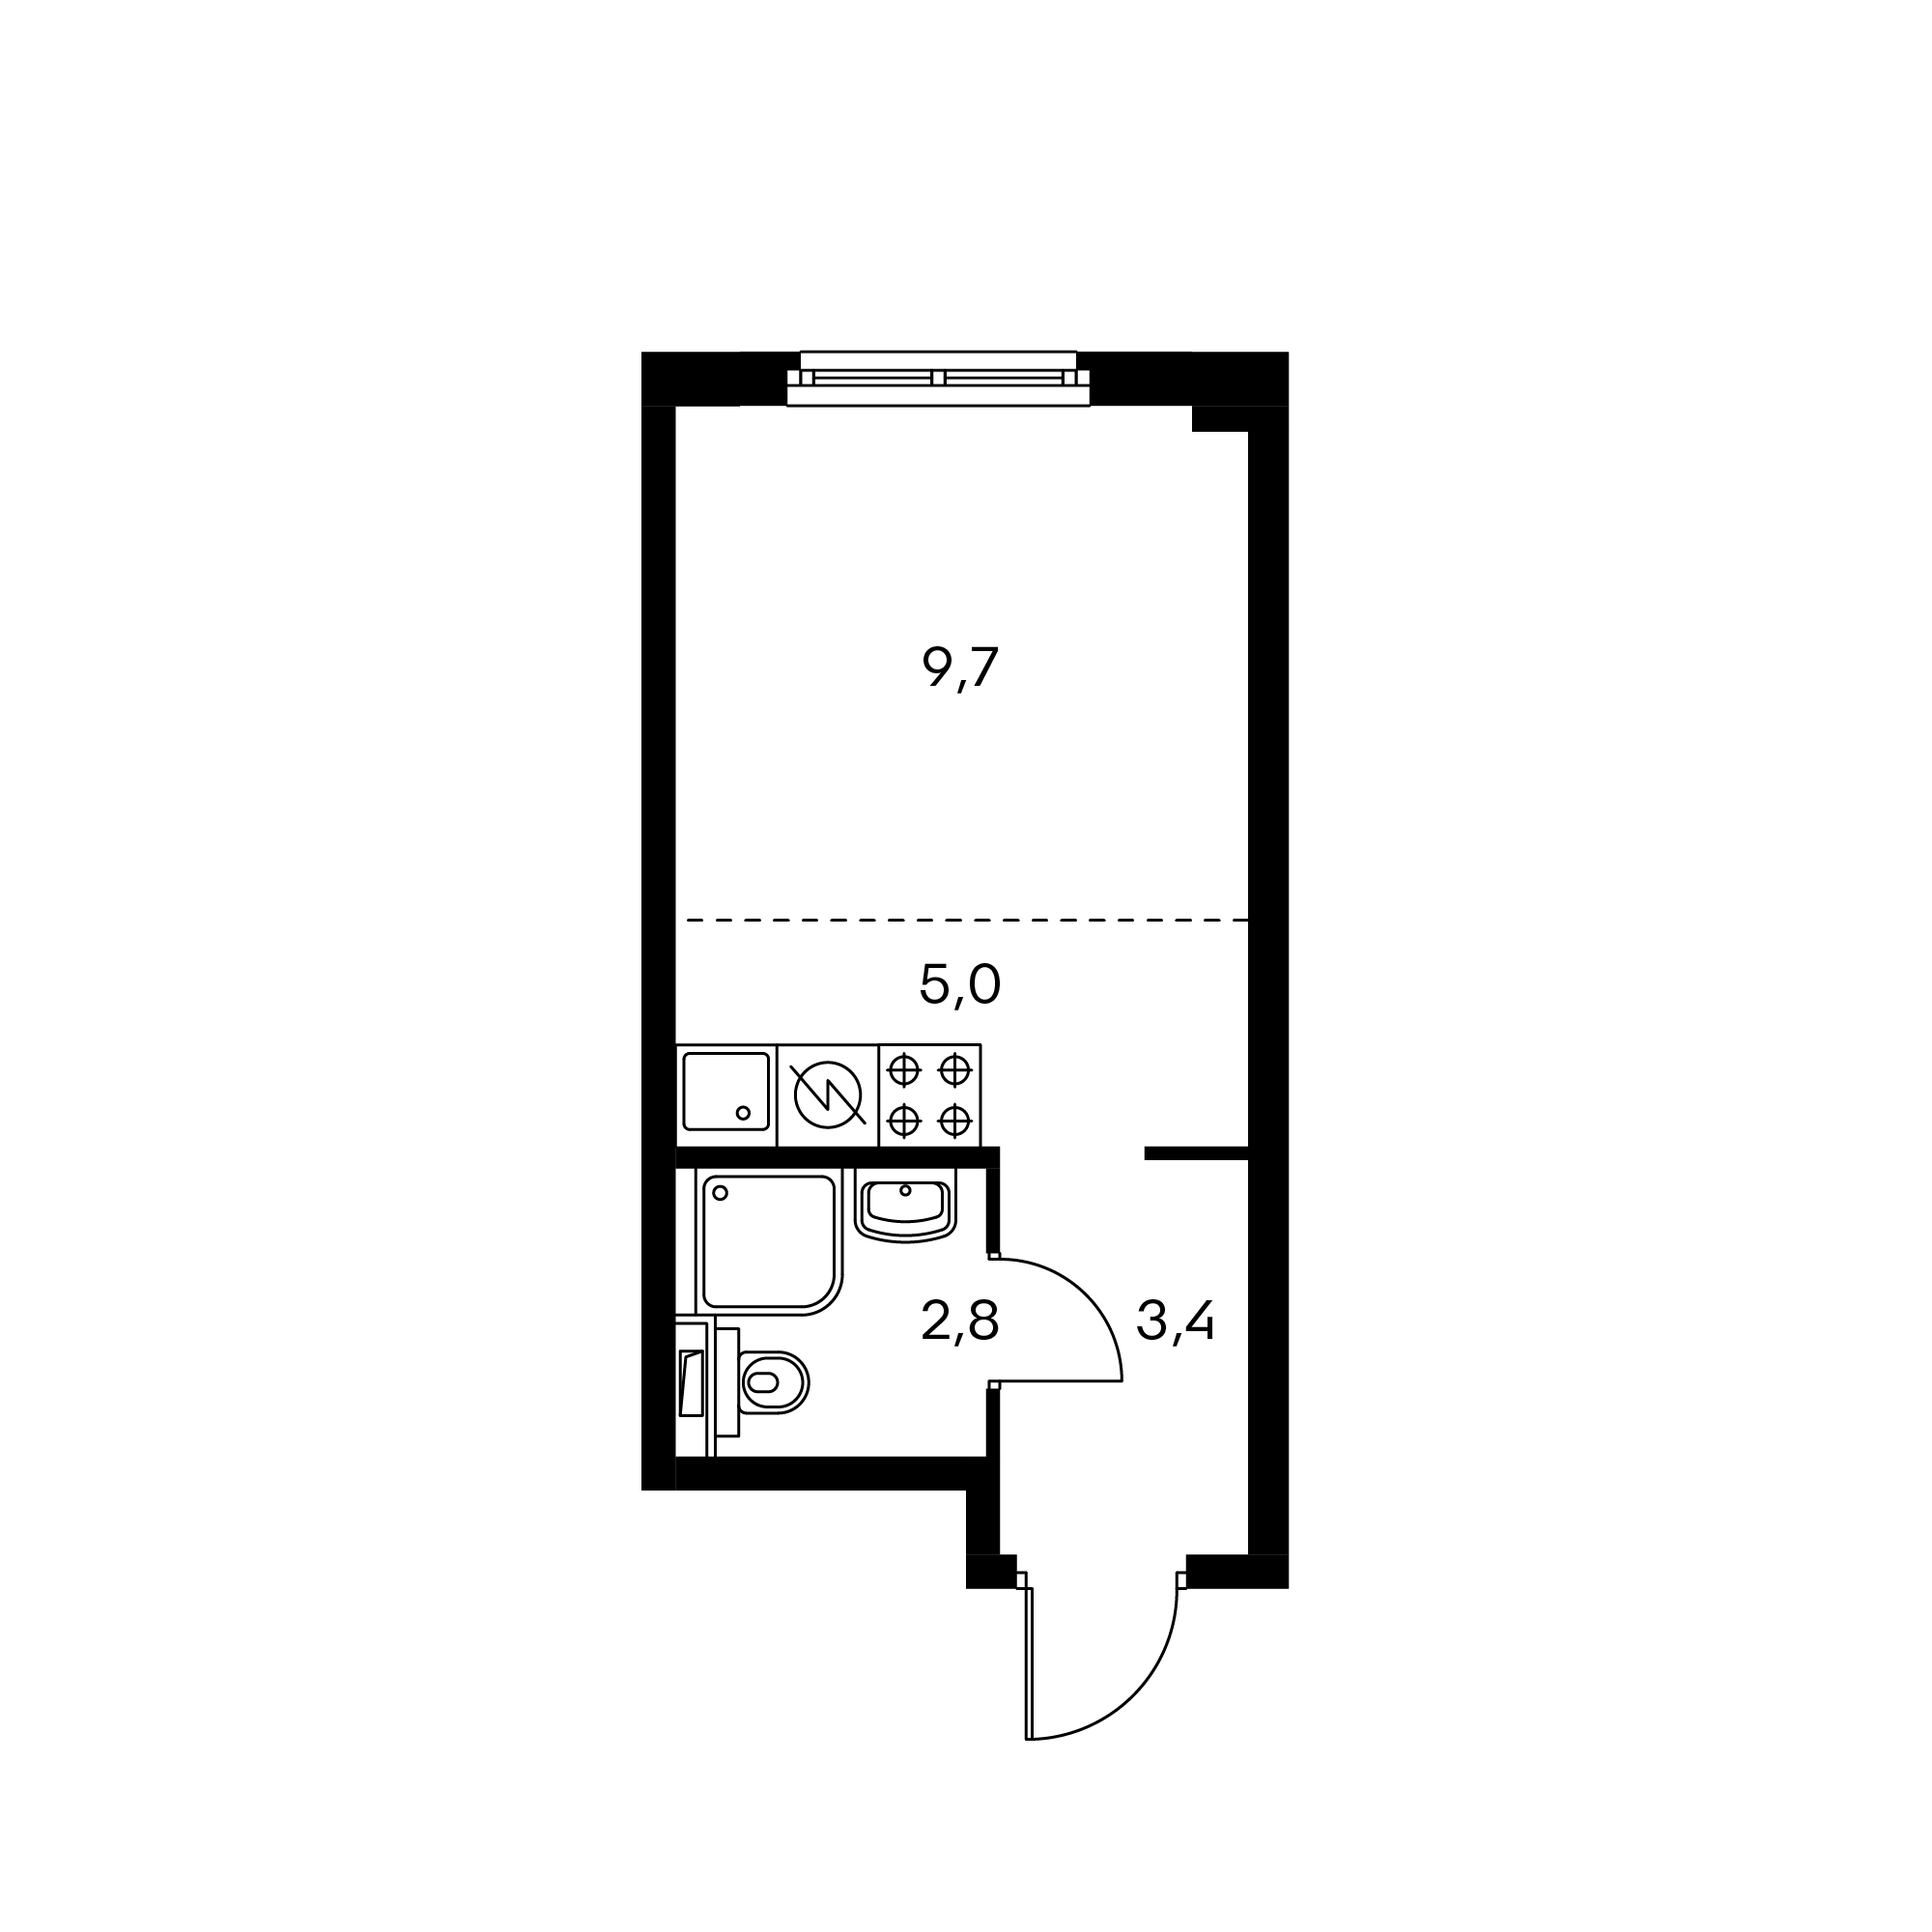 1NS1_3.6-1SZ